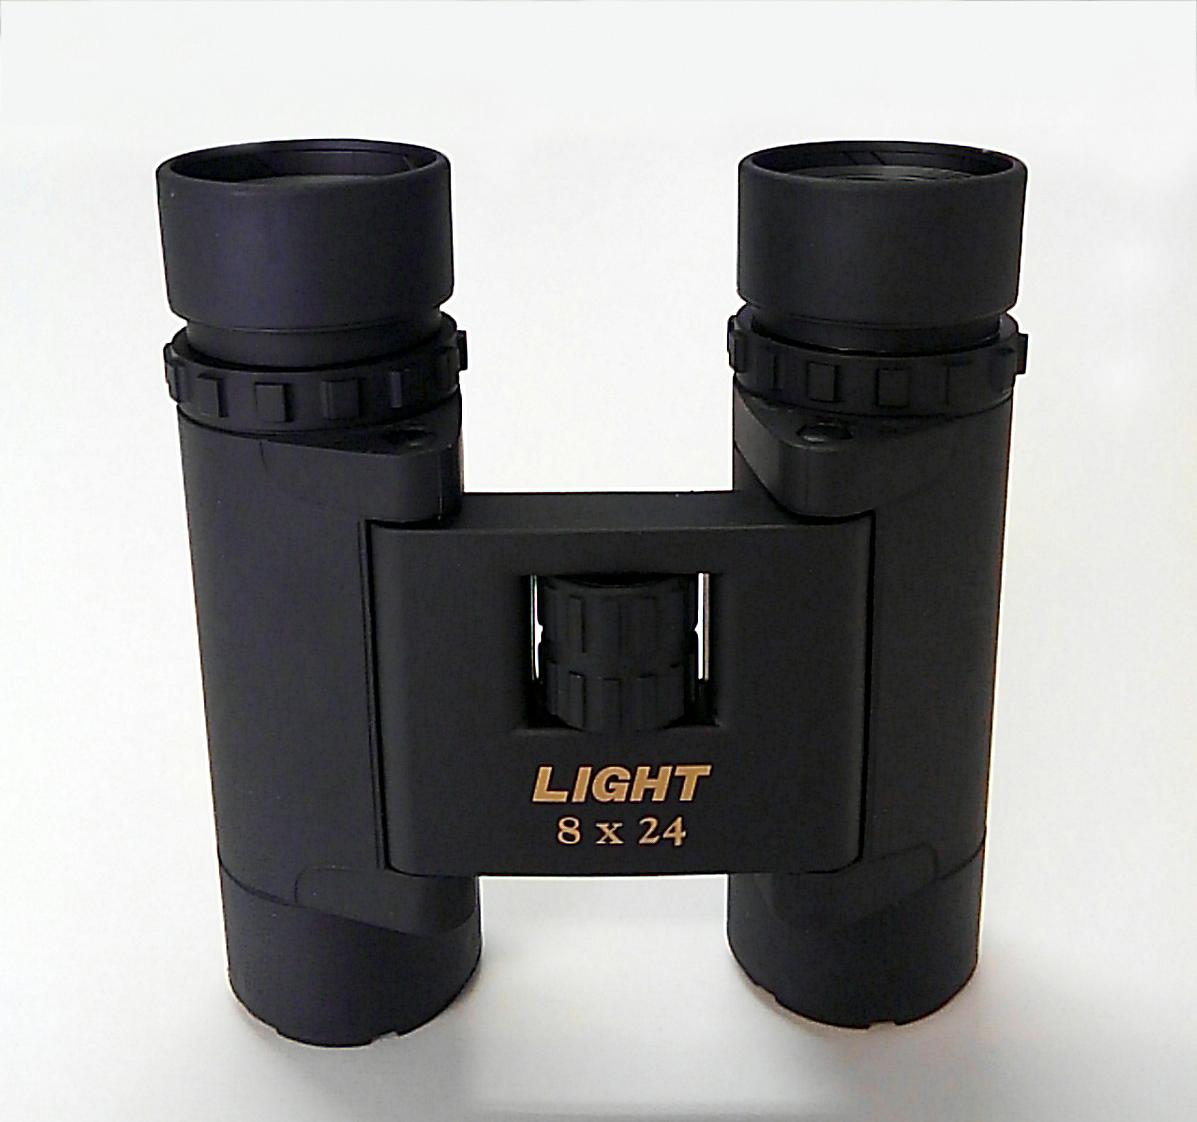 双眼鏡:8×24 6.25°〔ライト光機〕